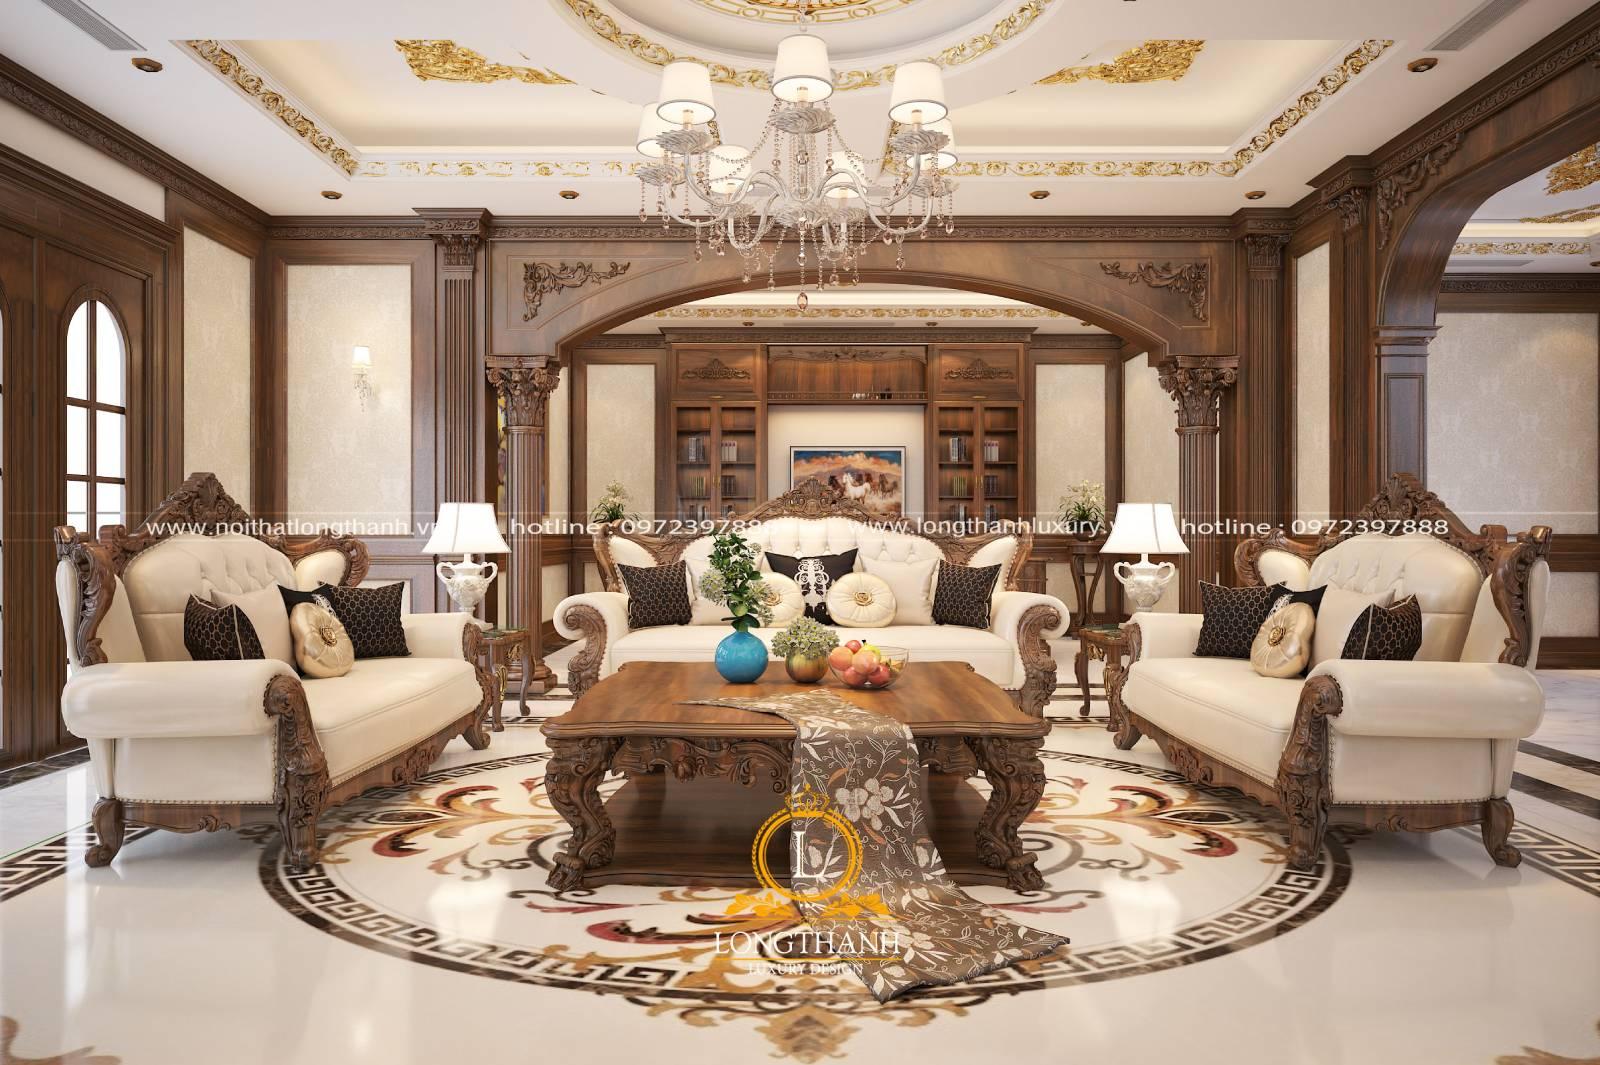 Mẫu sofa được đặt đối xứng giữa nhà tạo sự hài hòa cân đối